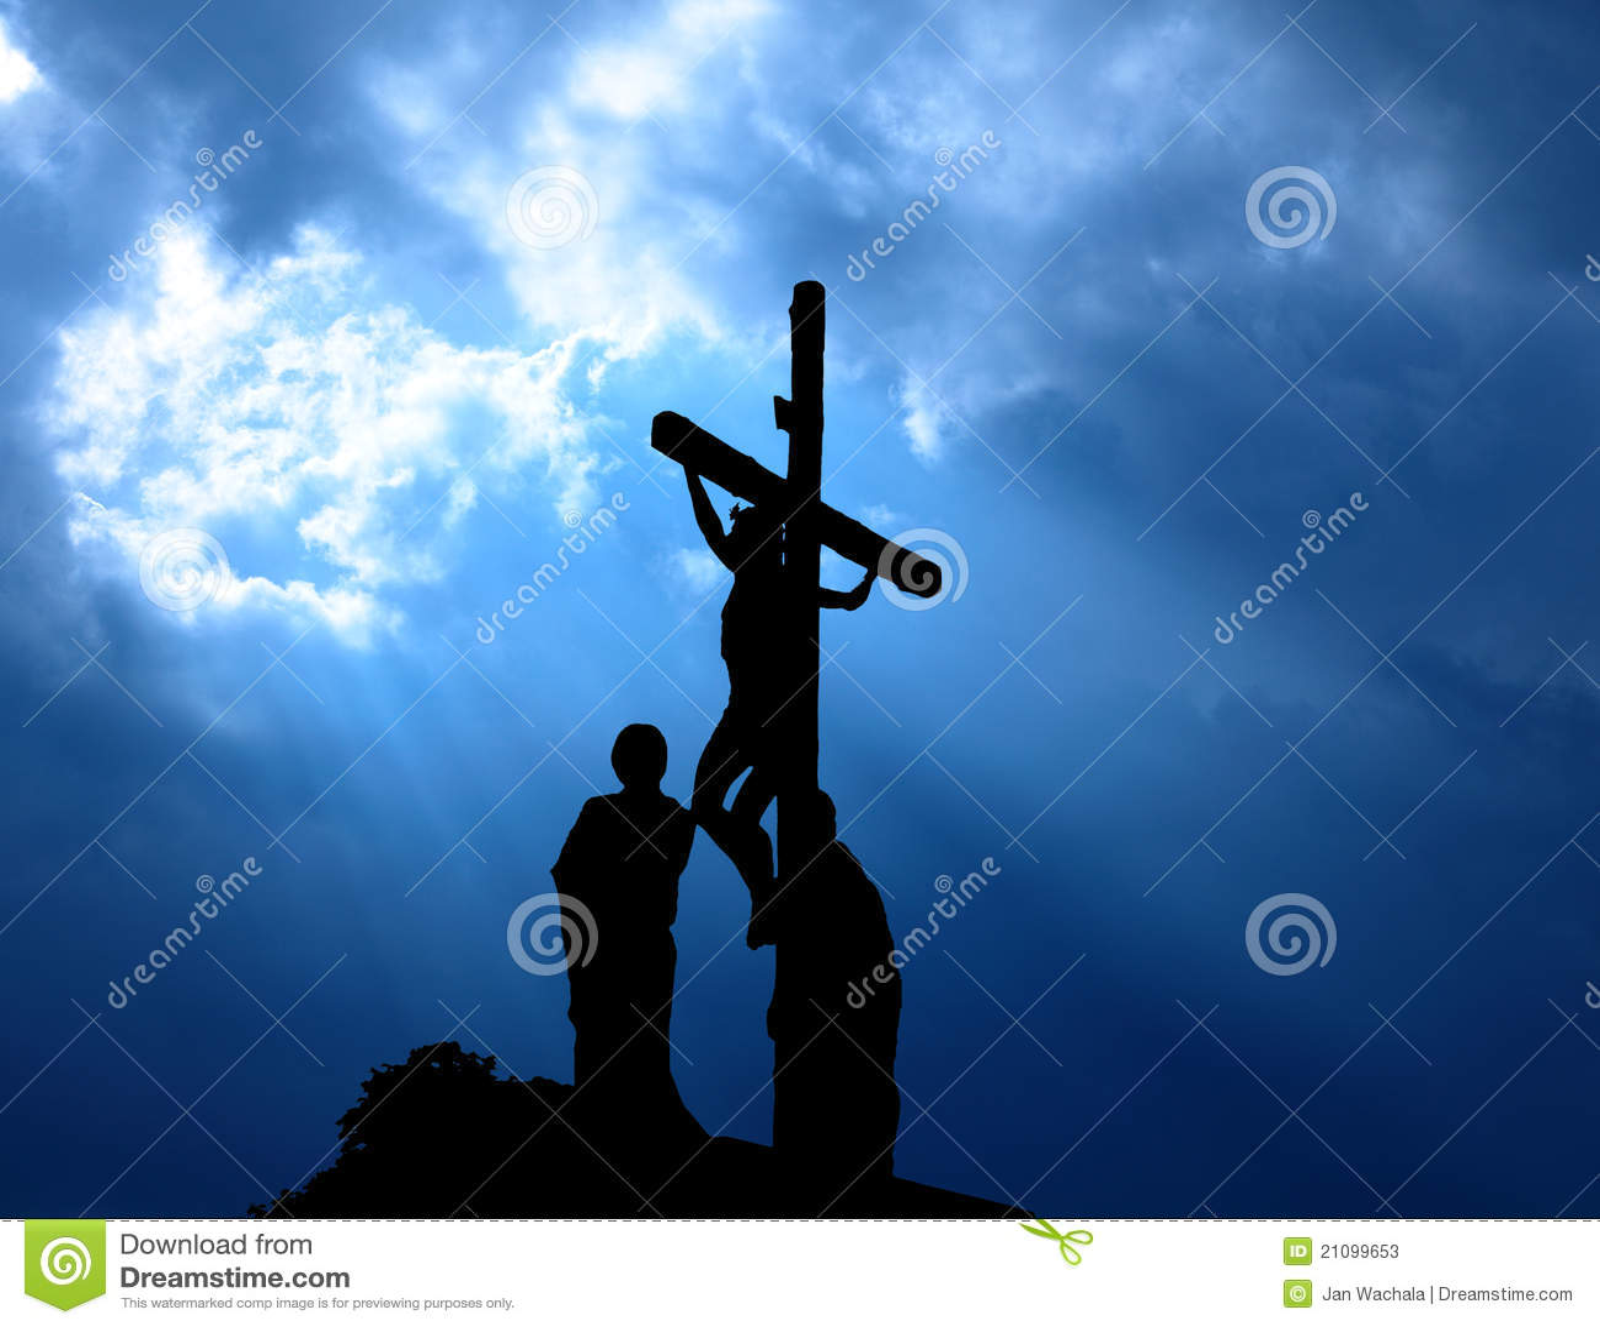 祝福这一生最美的祝福这一生最美的祝福神好听歌曲耶稣基督赞